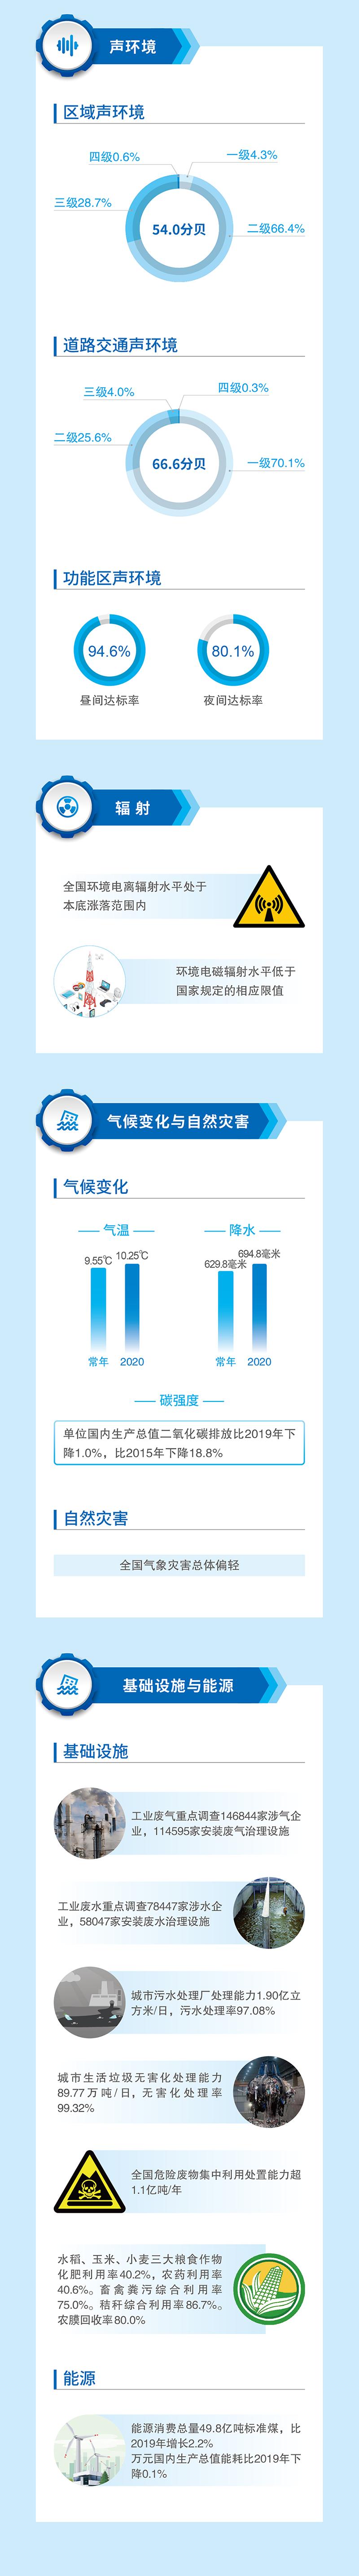 2020中国生态环境状况公报